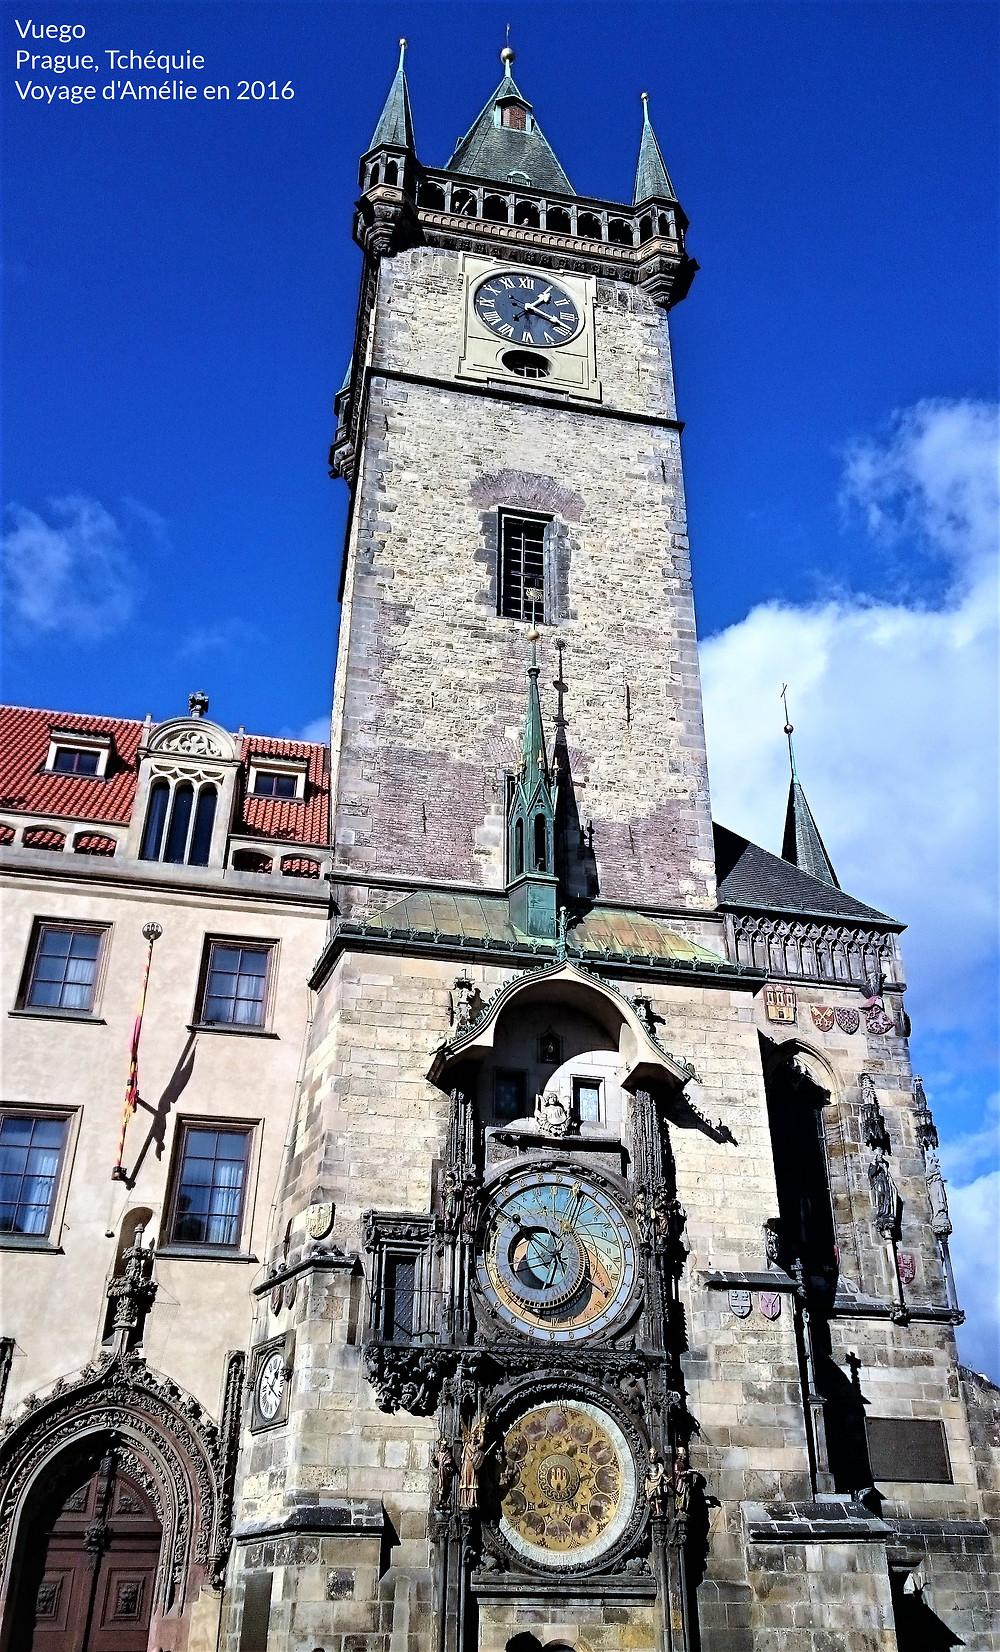 Tour de l'Hôtel de Ville à Prague en République Tchèque